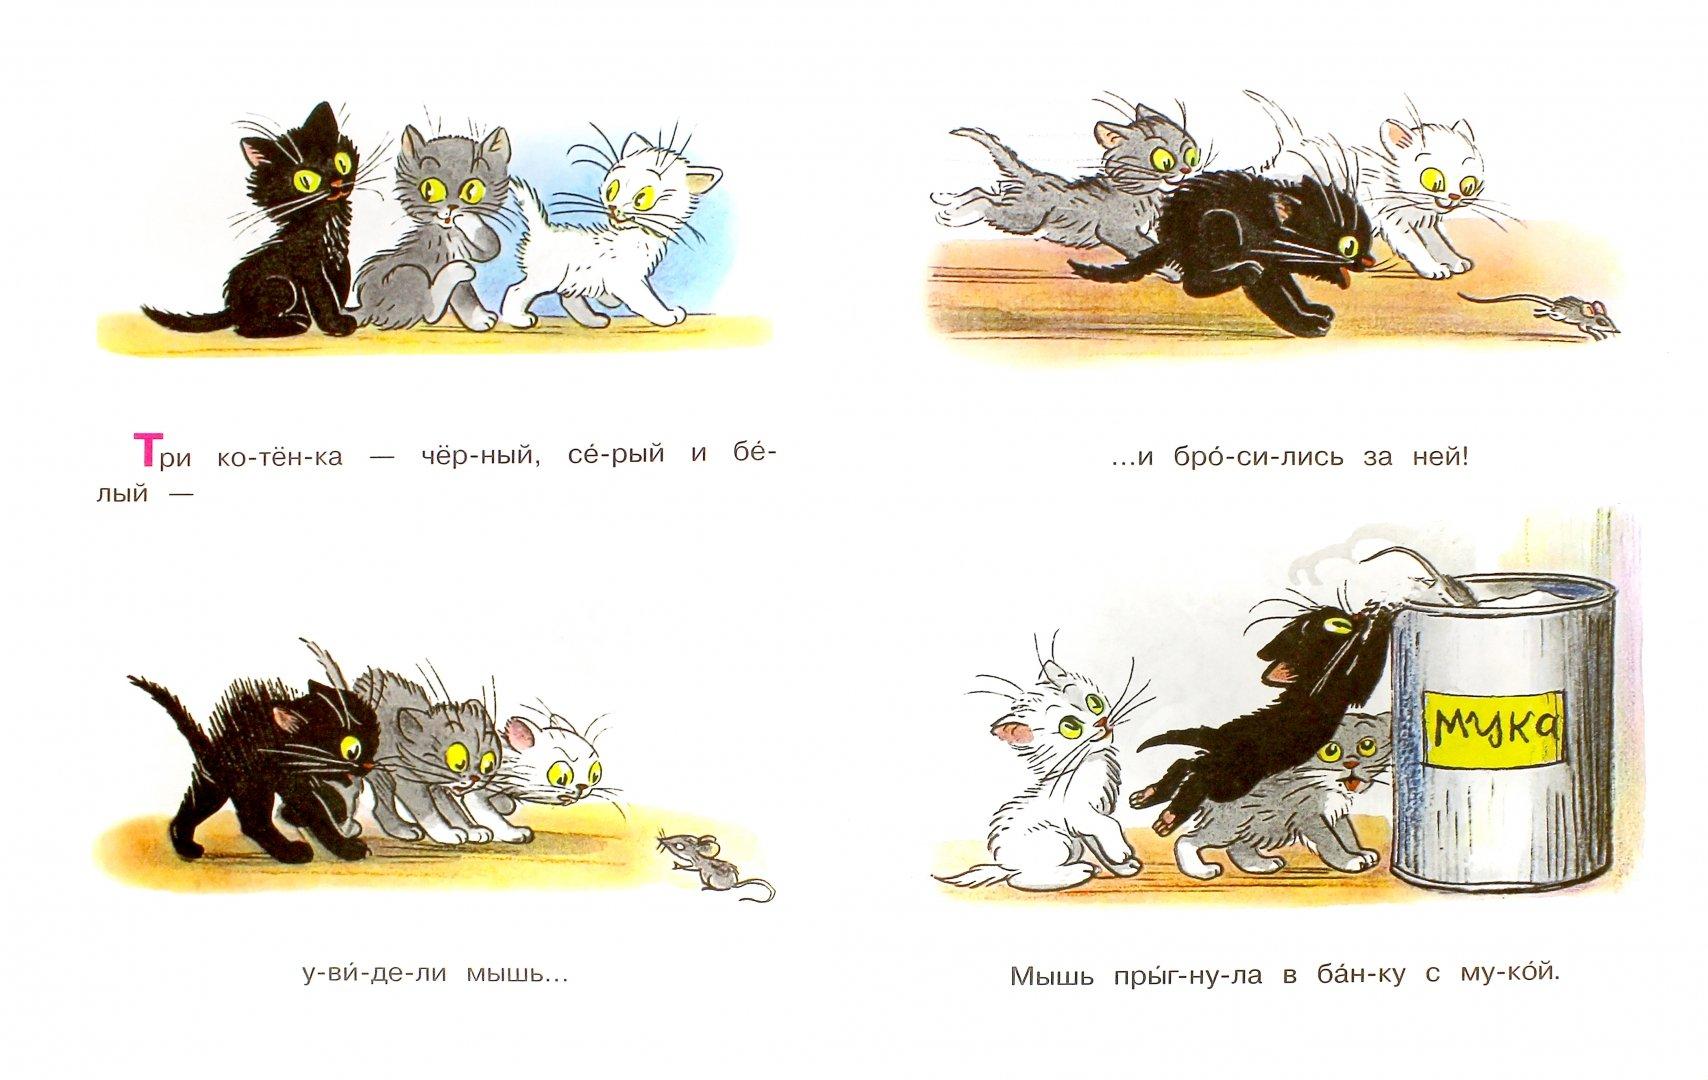 особенность картинки к сказке три котенка сутеев распечатать покупкой смартфона качественной